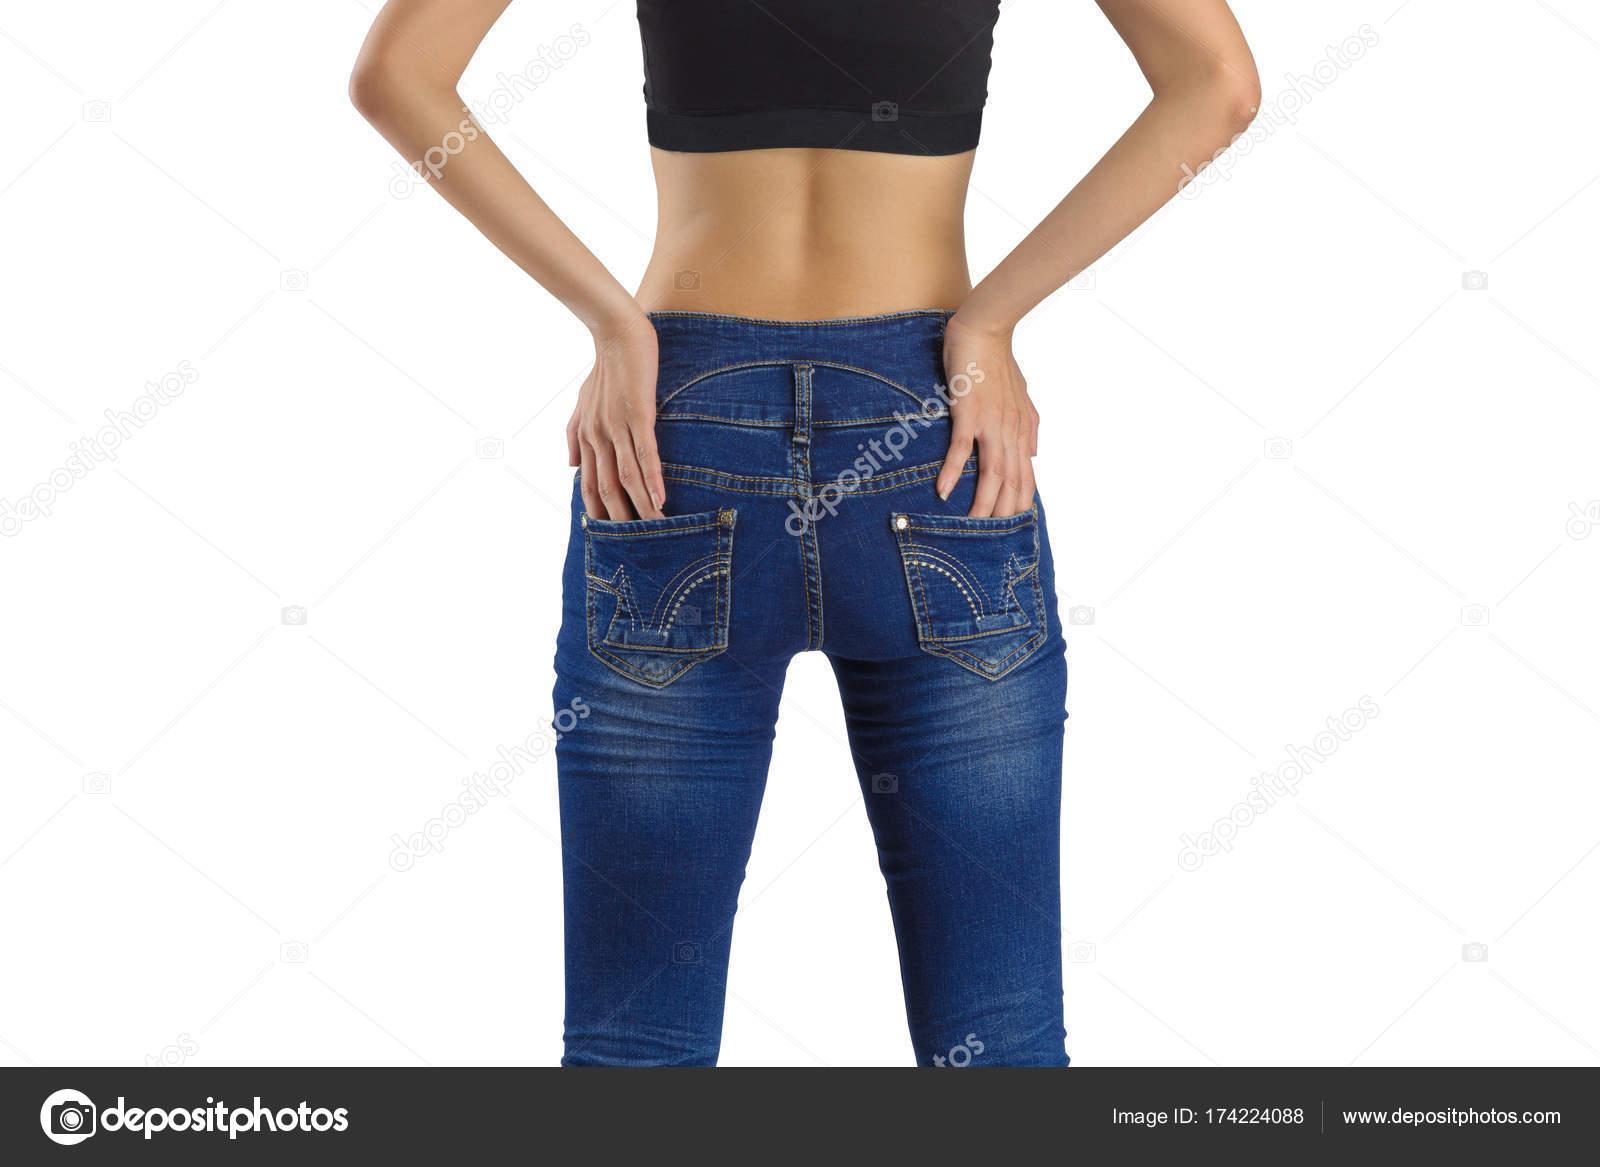 Джинсы сексуальная женщина